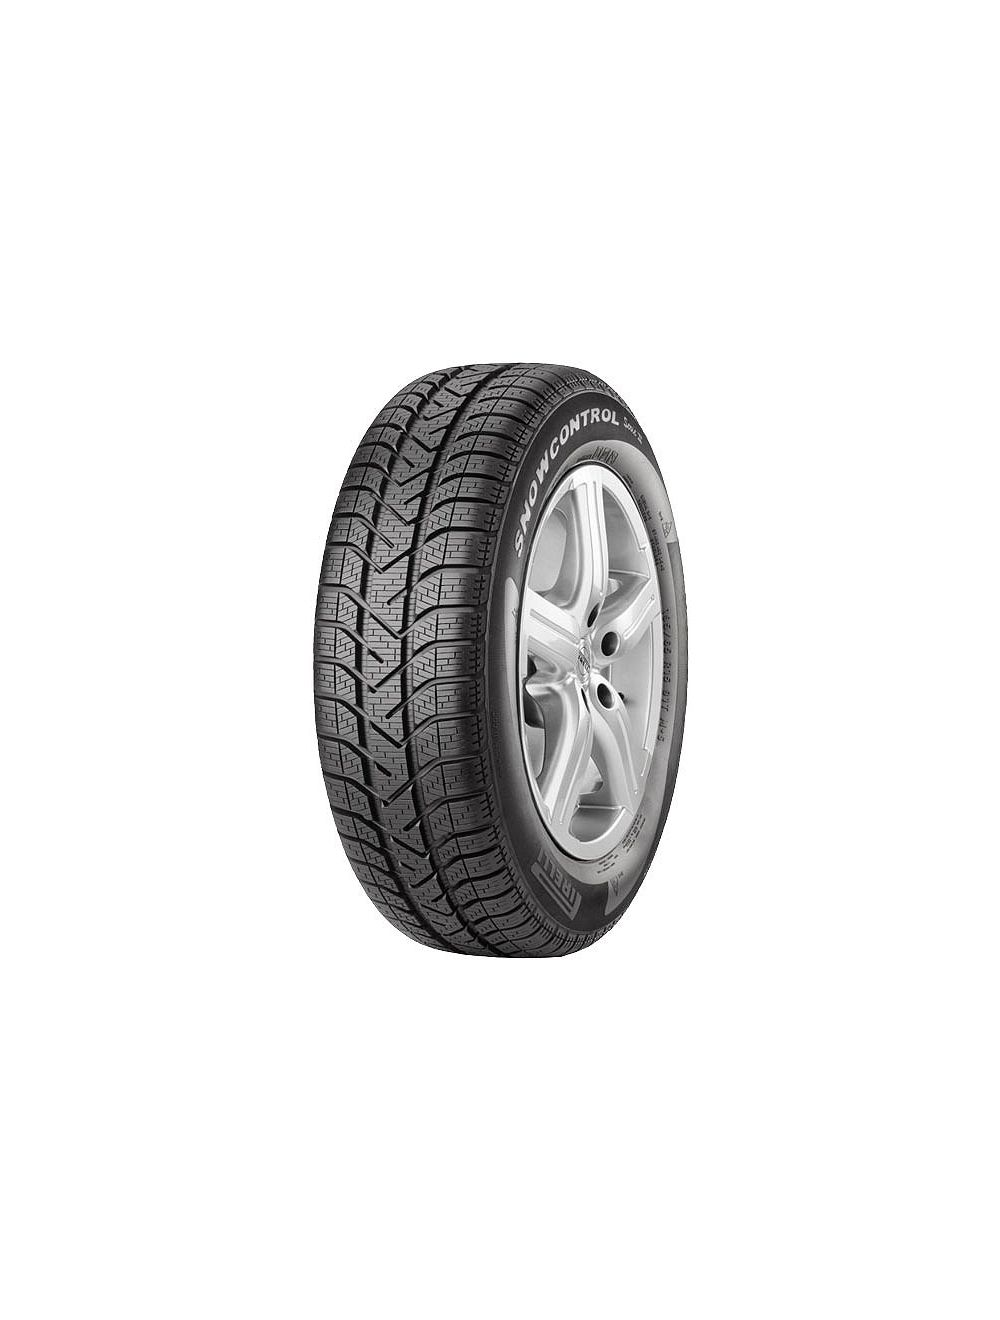 Pirelli 185/65R15 T SnowControl 3 Téli gumi